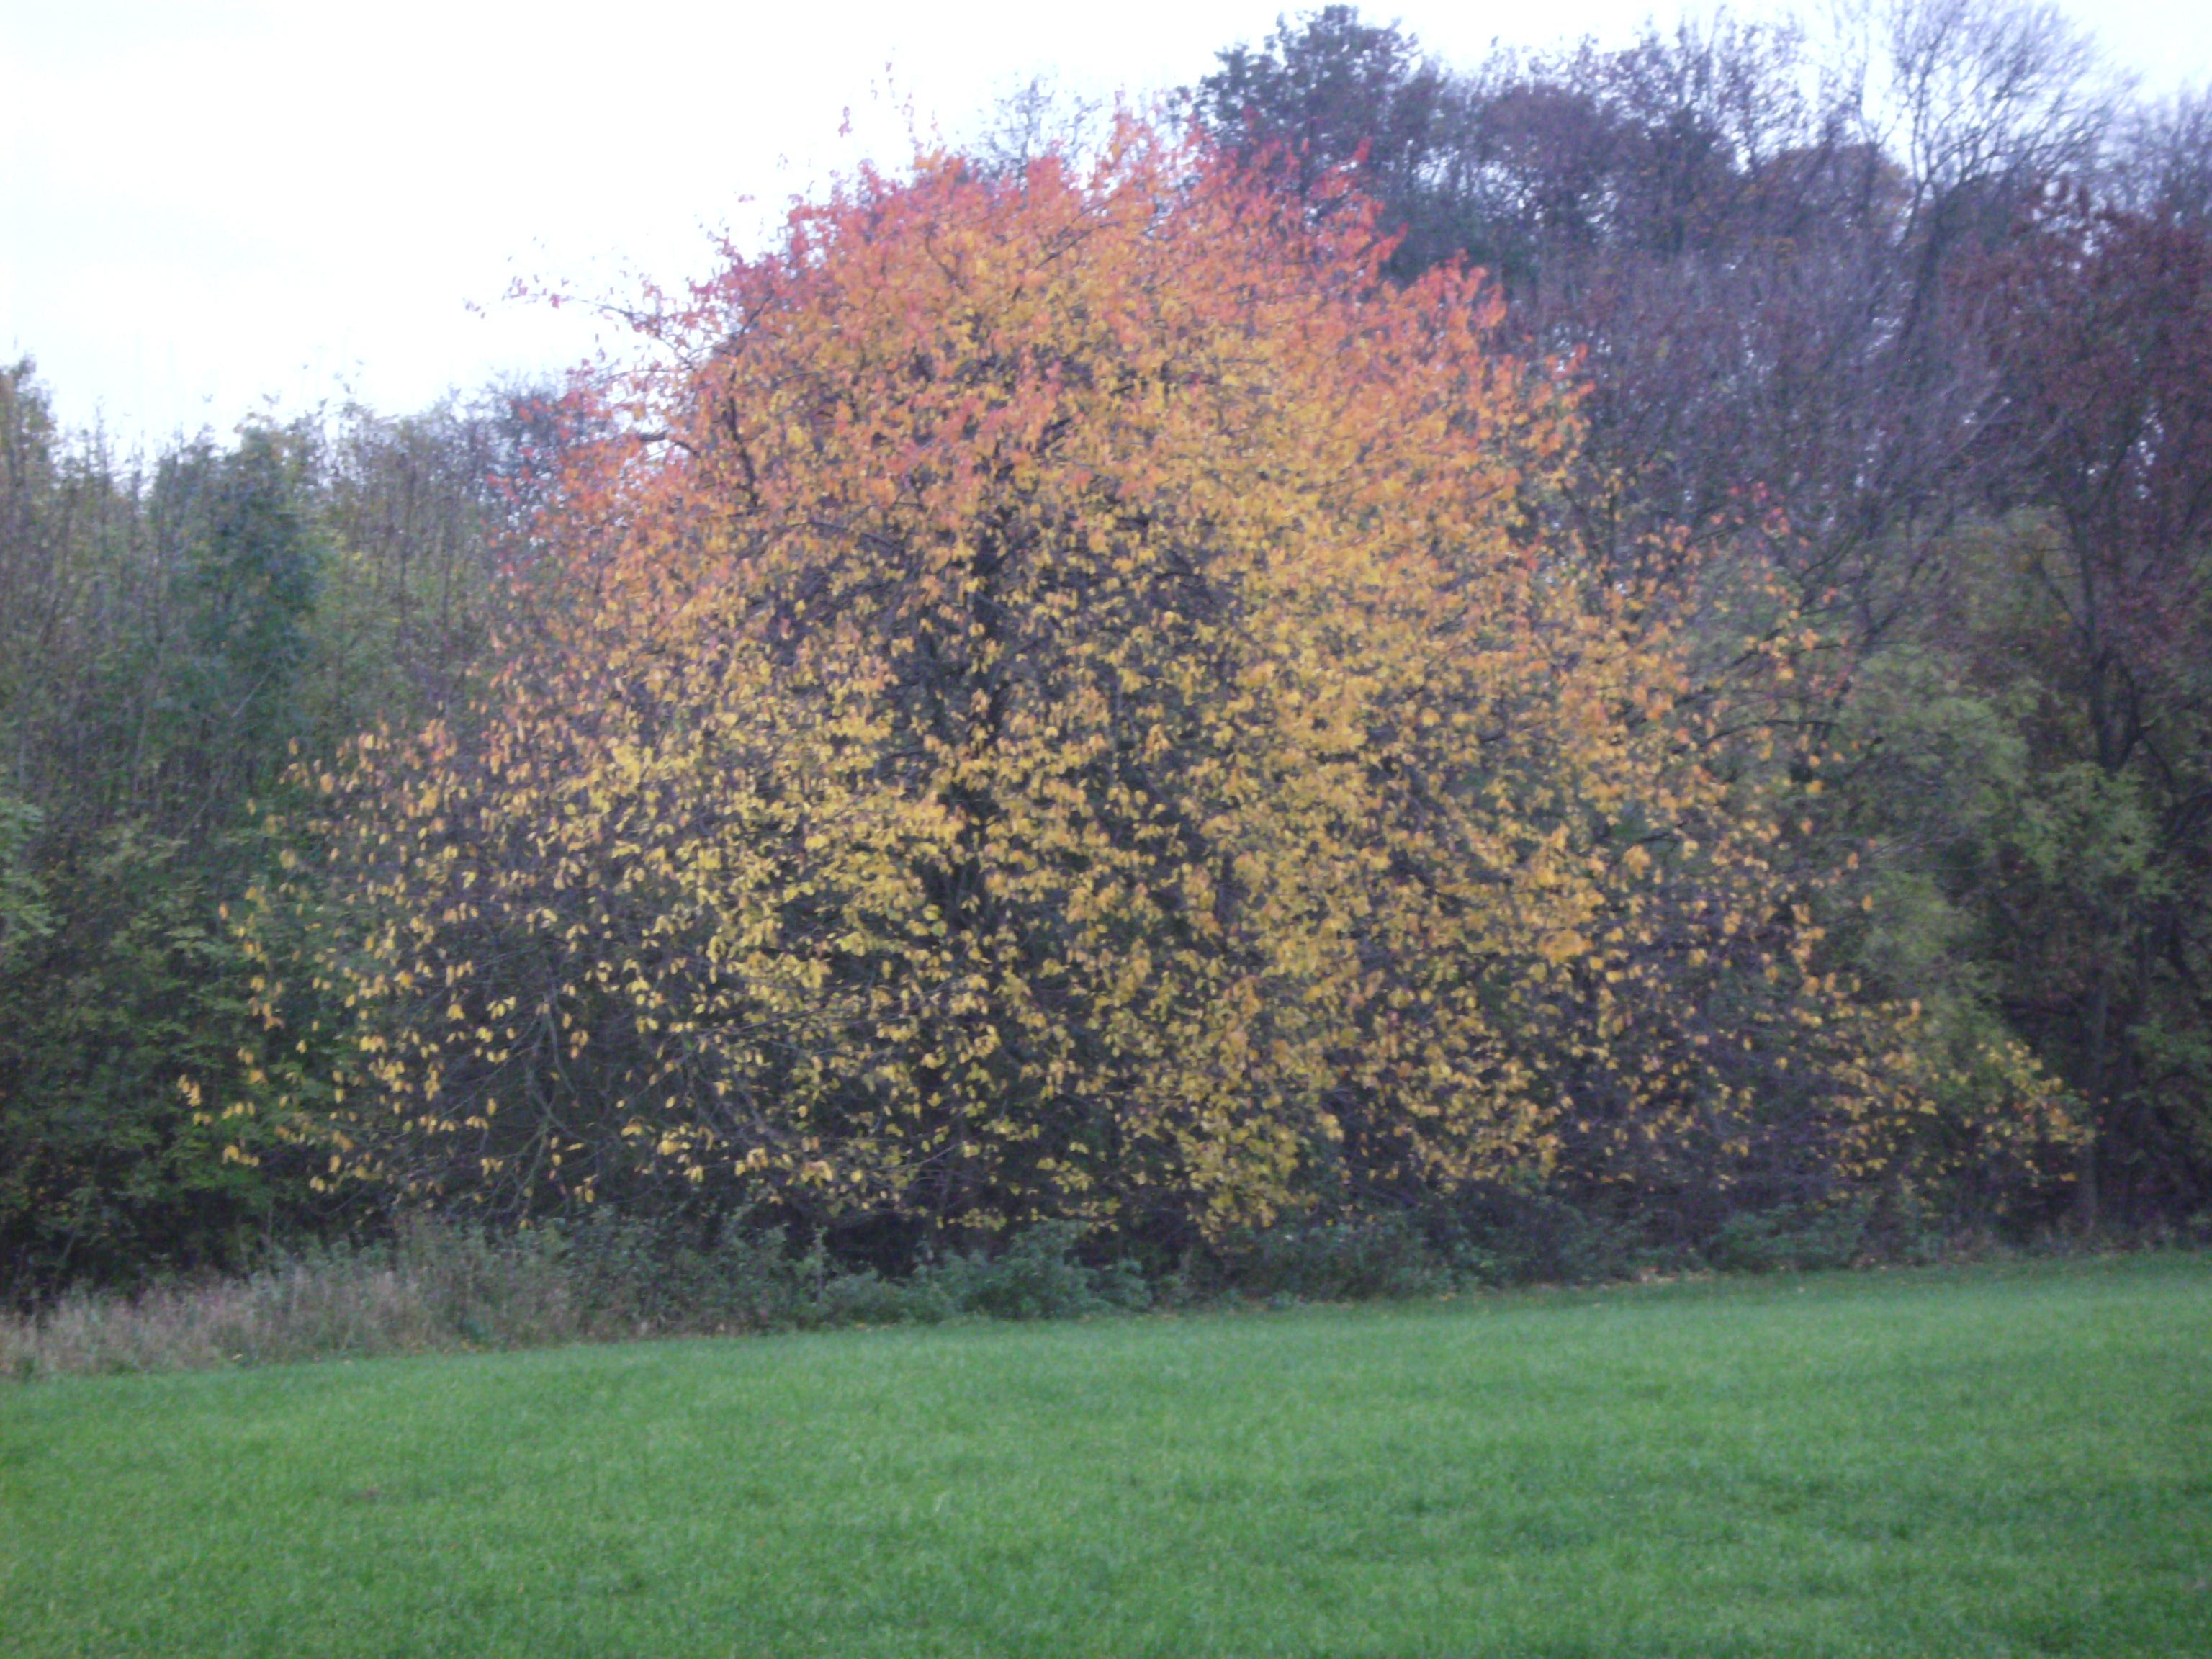 34bc89f9c13 7 november 2010. Ieder jaargetijde heeft zo zijn charme. We zitten nu in de  herfst en dat heeft ook zijn bekoring. De prachtige herfstkleuren waarmee  de ...